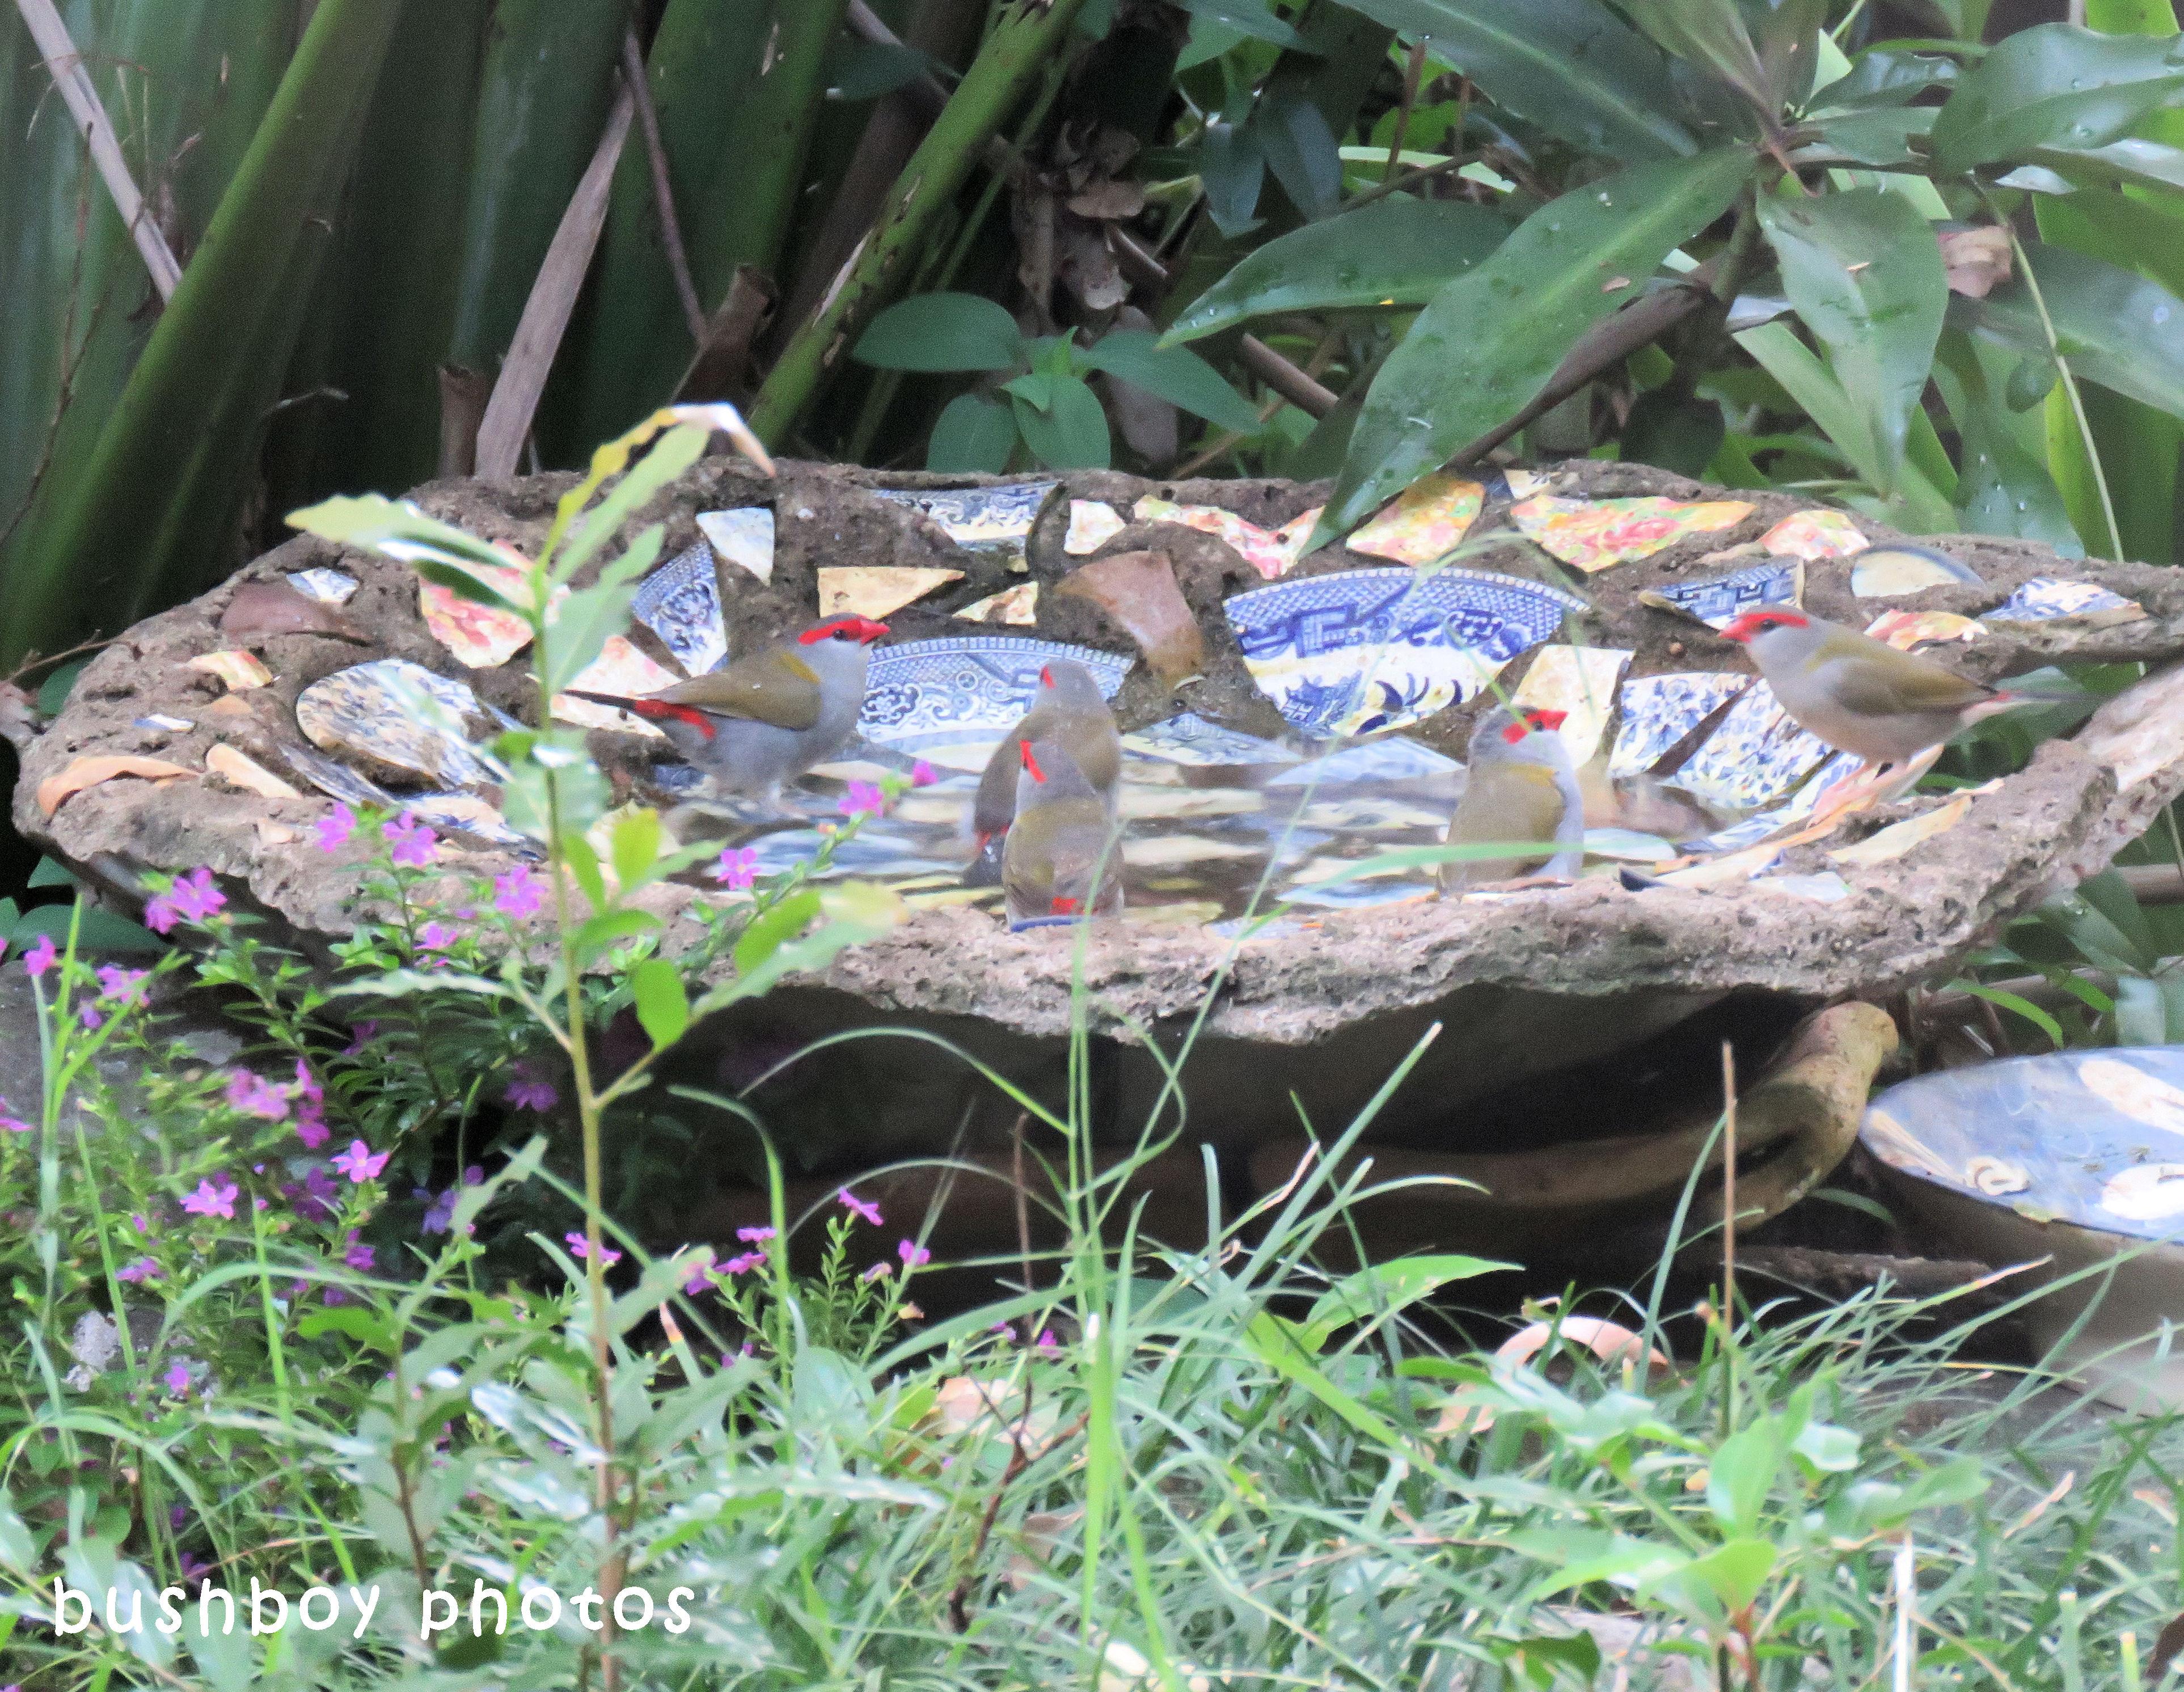 180425_blog challenge_partake_bird bath_red browed finches